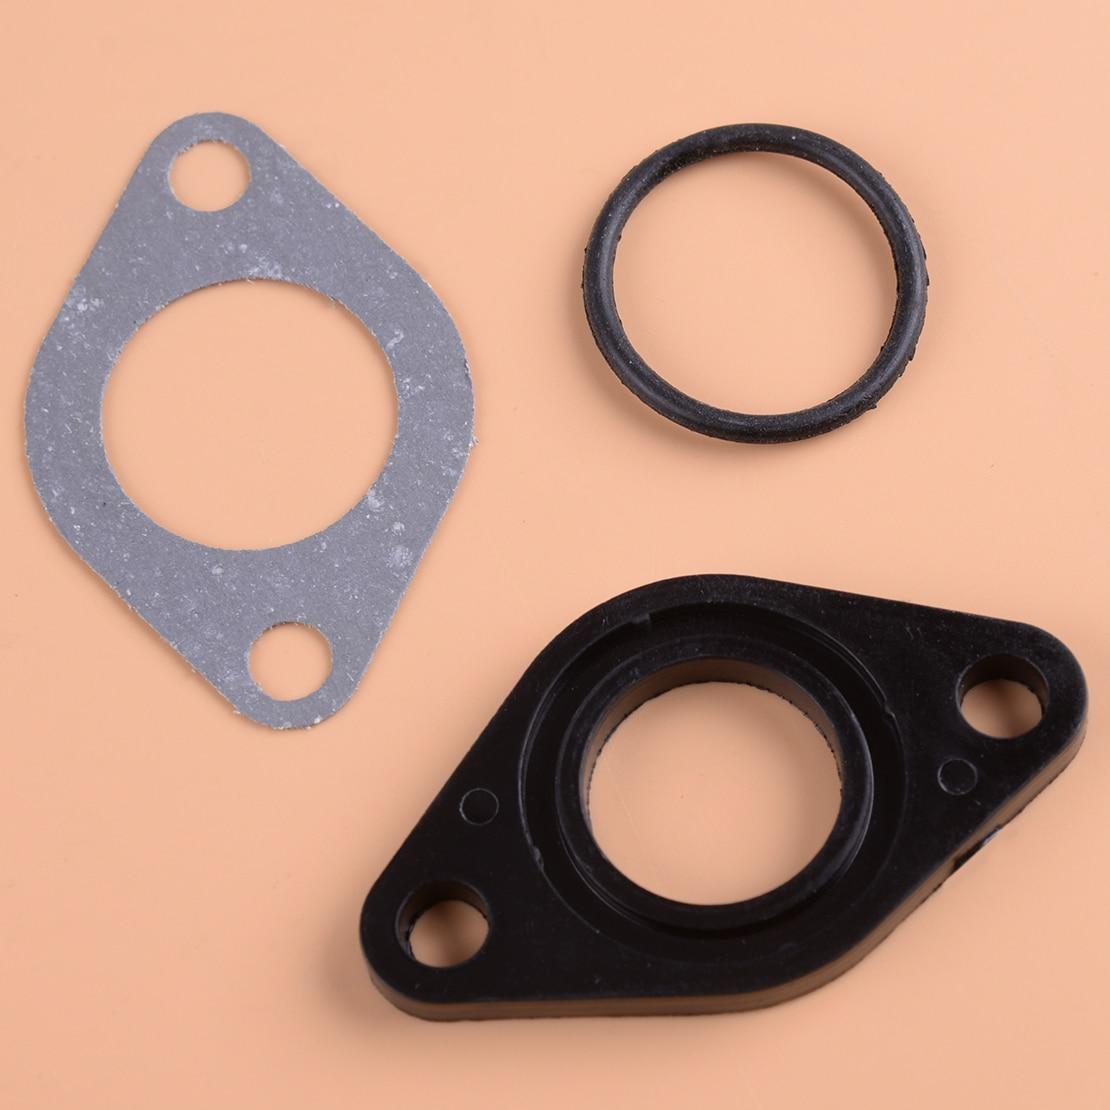 Citall 1 conjunto de 26mm espaçador de carburador, juntor de admissão, junta para dirt pit bike 110cc 125cc 138cc